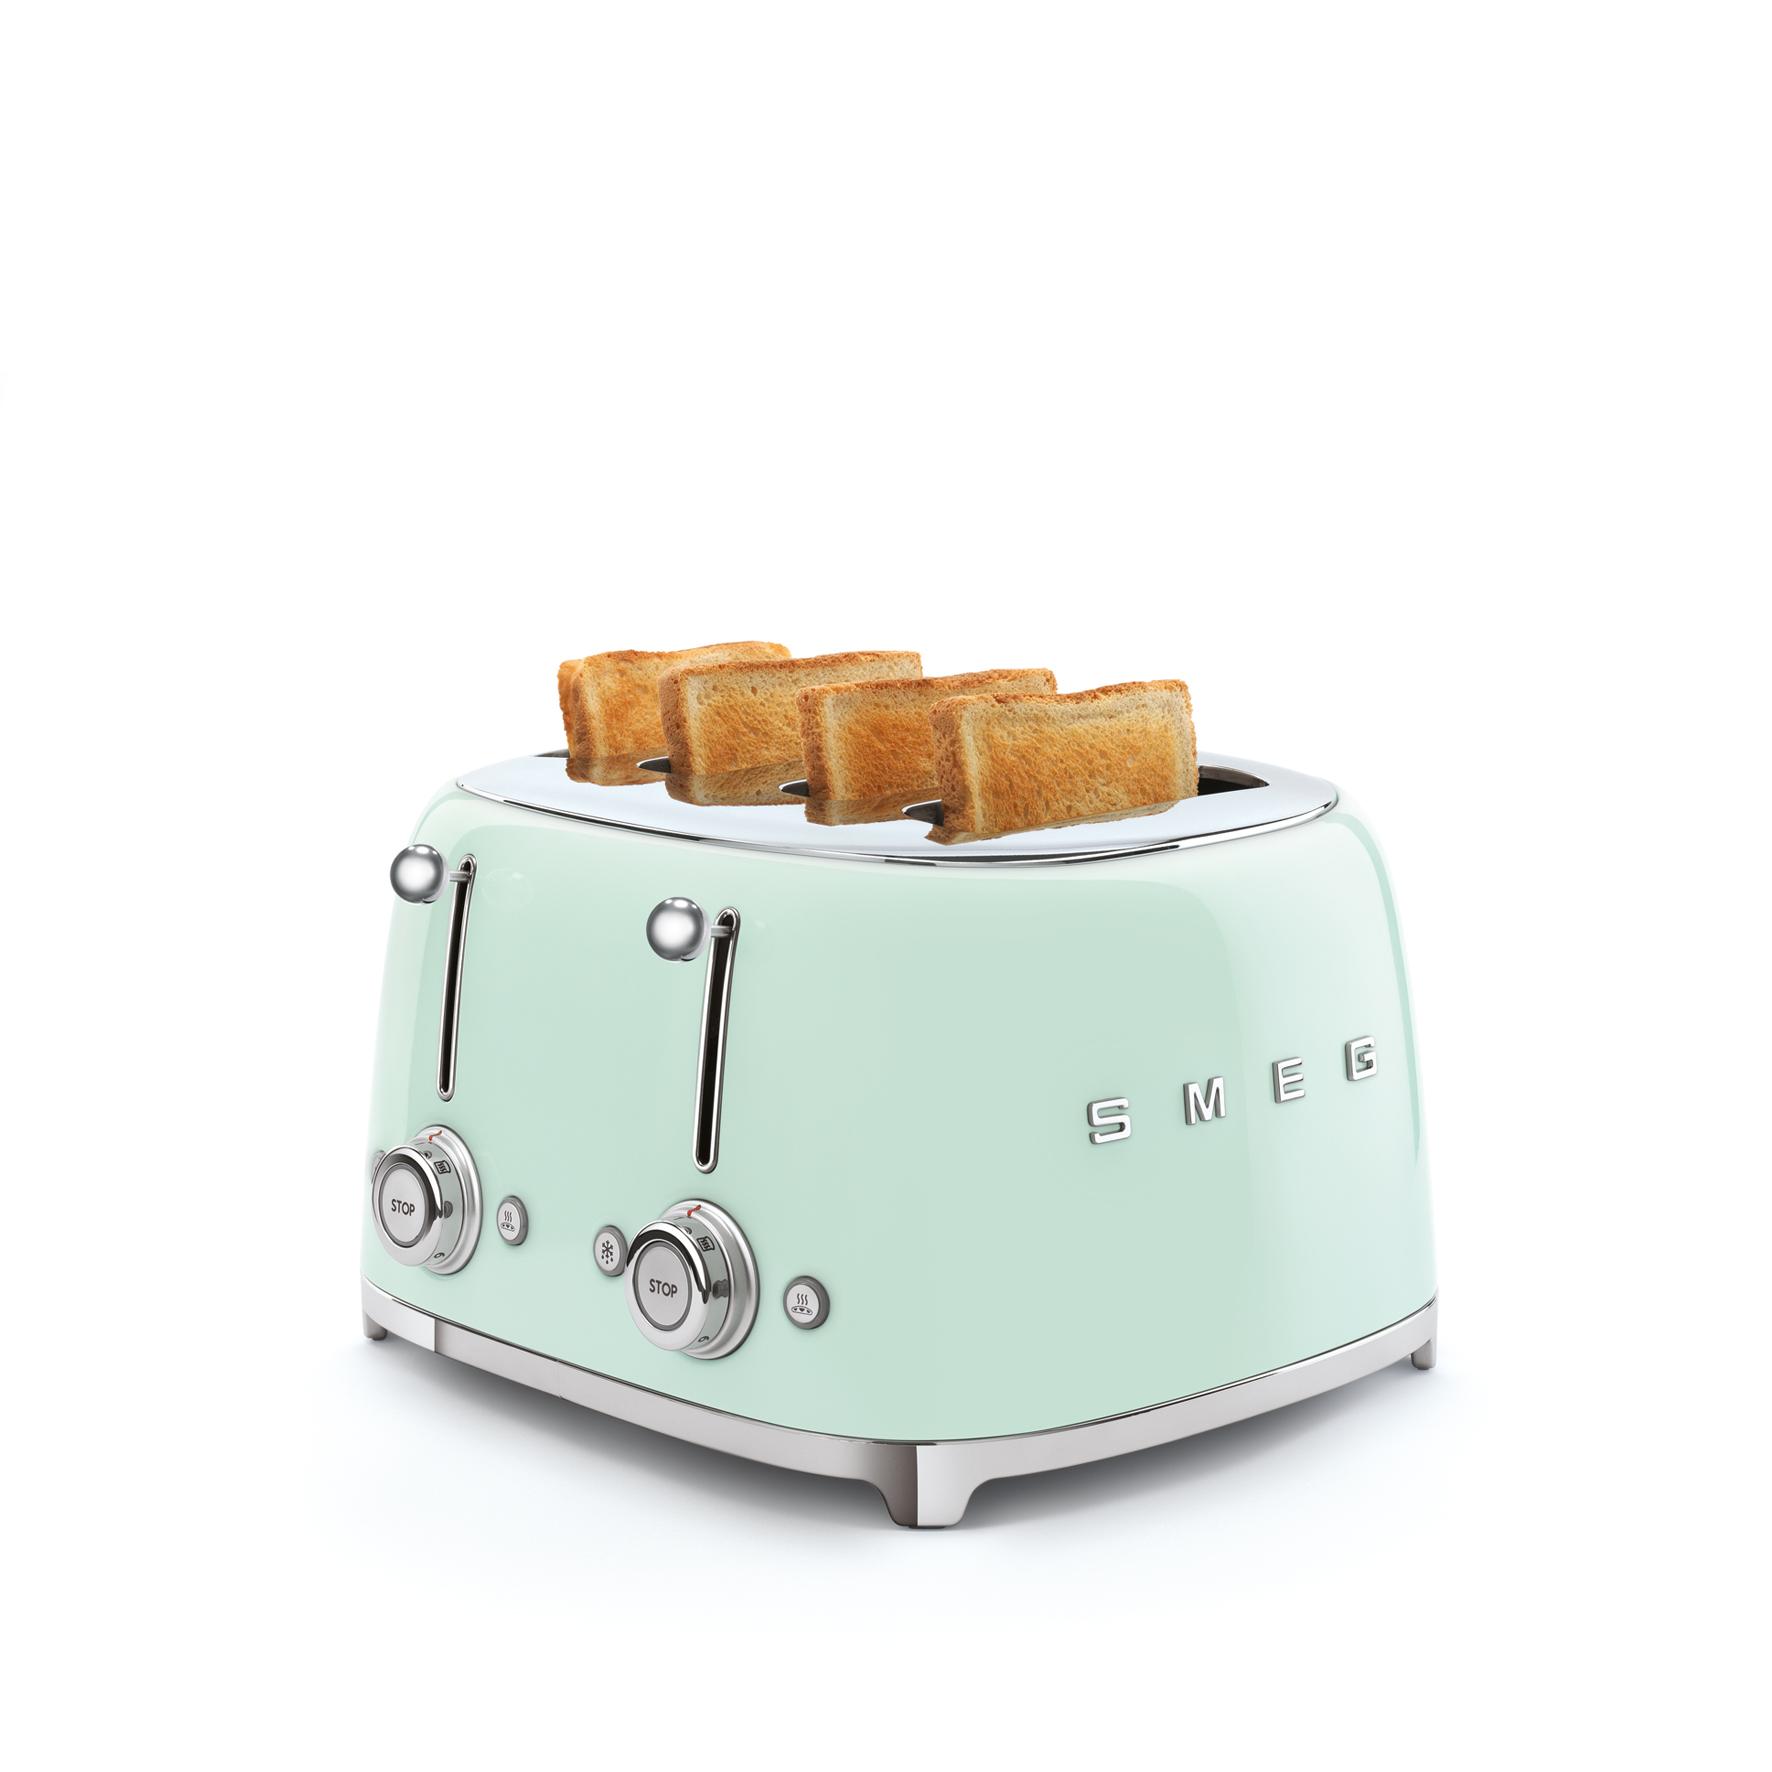 Innovativer Designer 4 Schlitz Doppel Toaster Von Smeg Kuchengerate Und Elektrogerate Aus Dem Mobelhaus Chemnitz Tuffner Mobelgalerie Tuffner Onlineshop